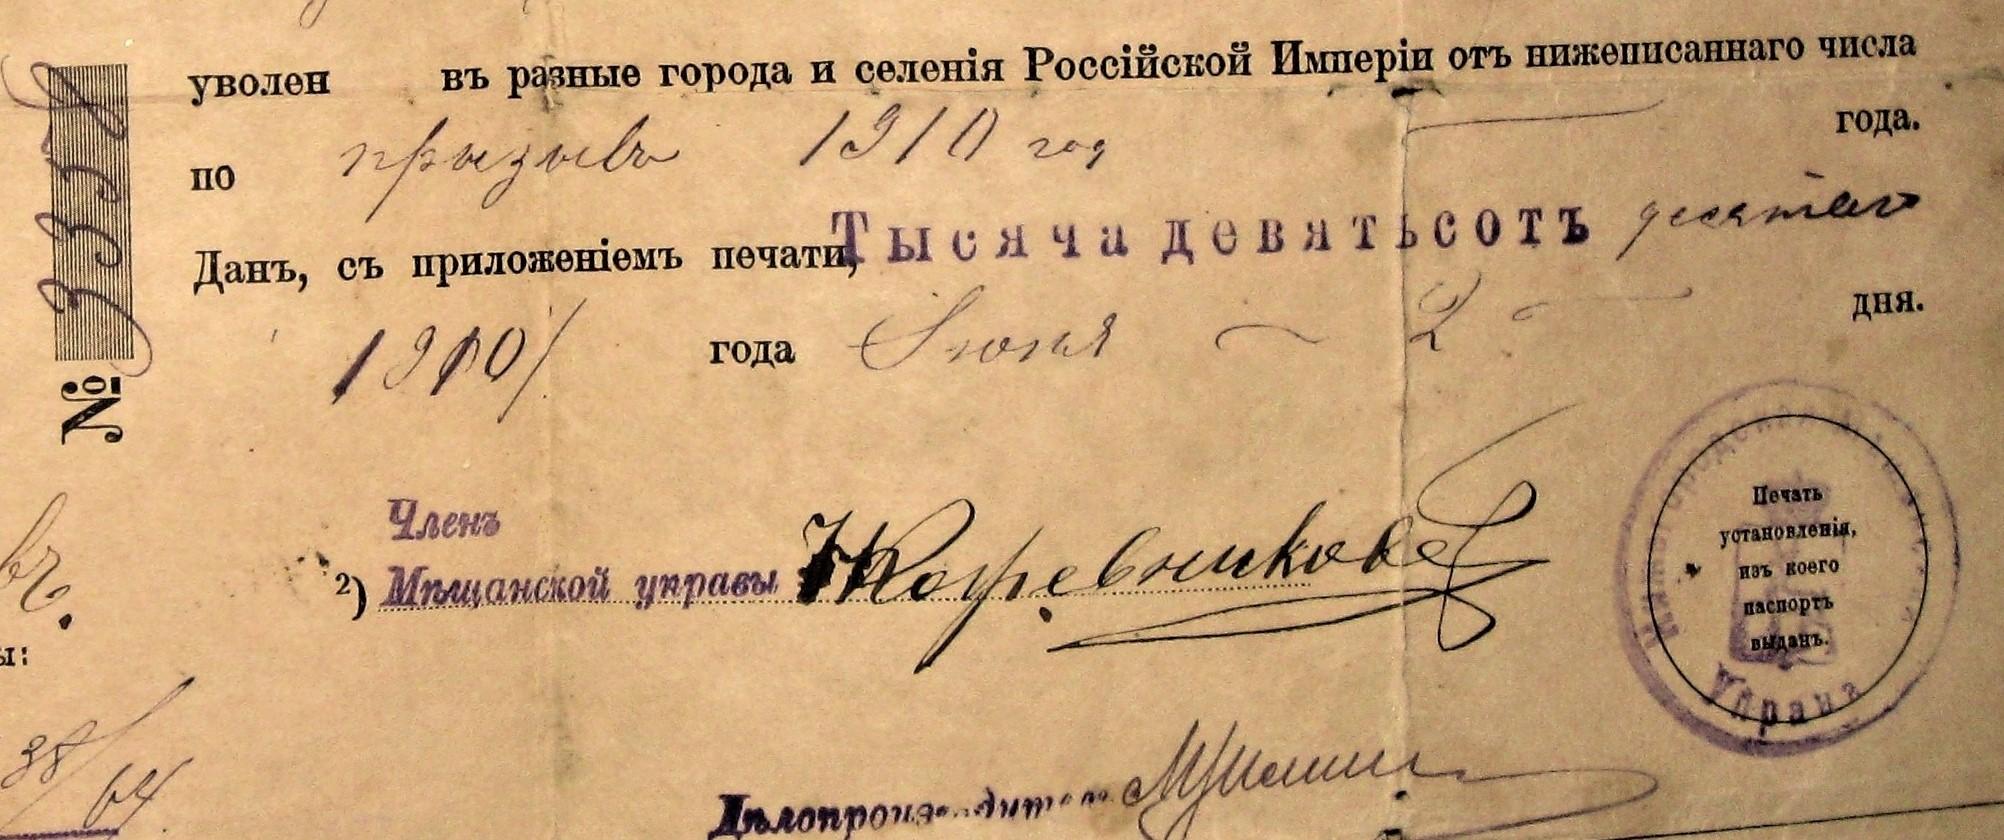 Фрагмент с указанием об увольнению по призыву 1910.